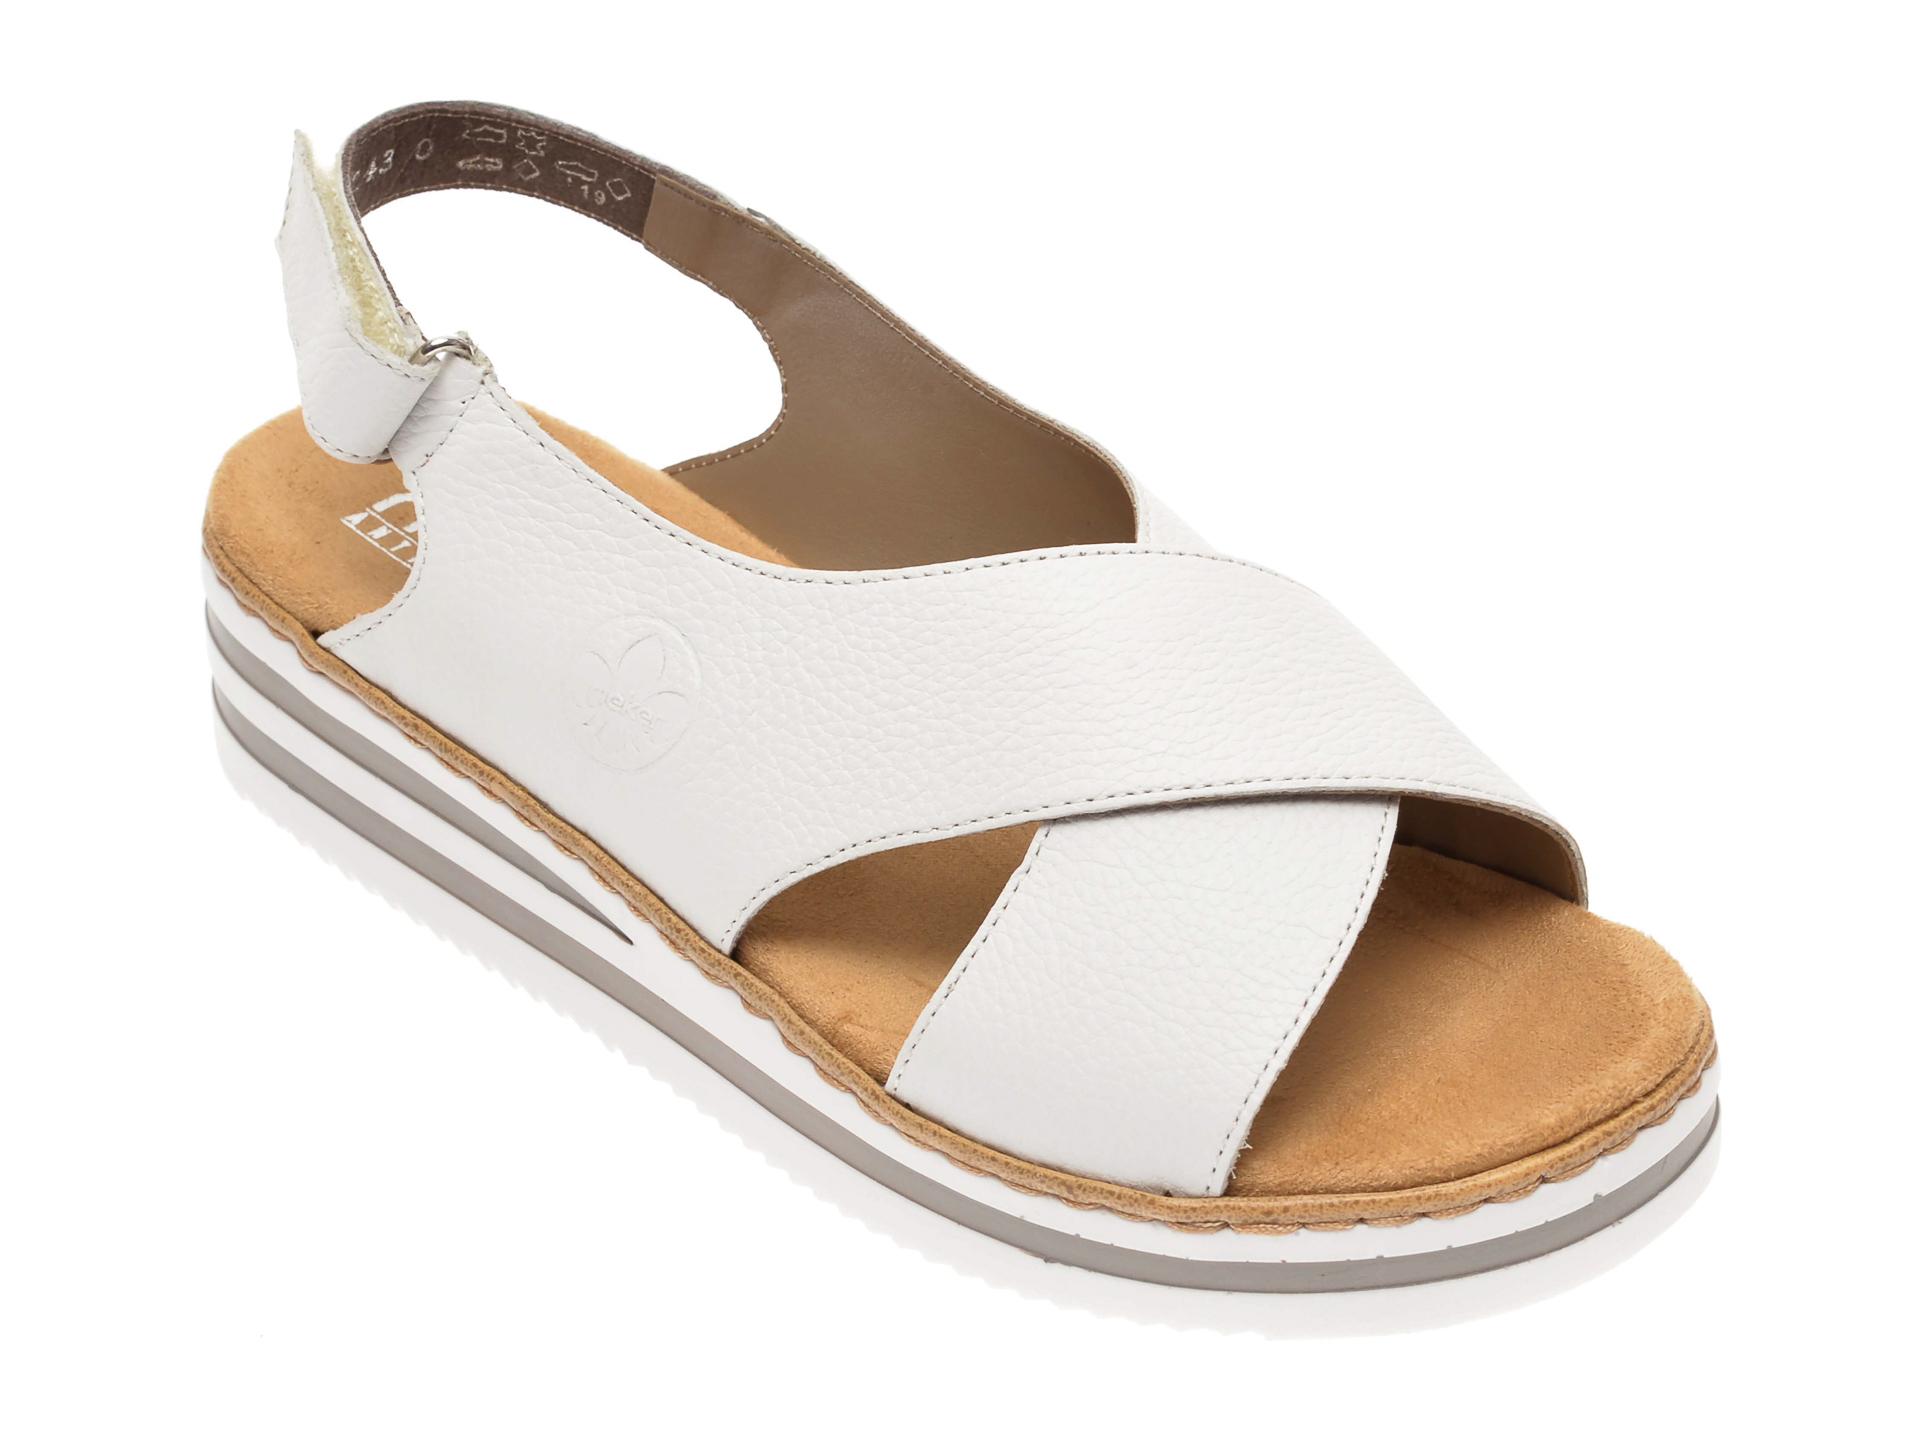 Sandale RIEKER albe, V0271, din piele naturala